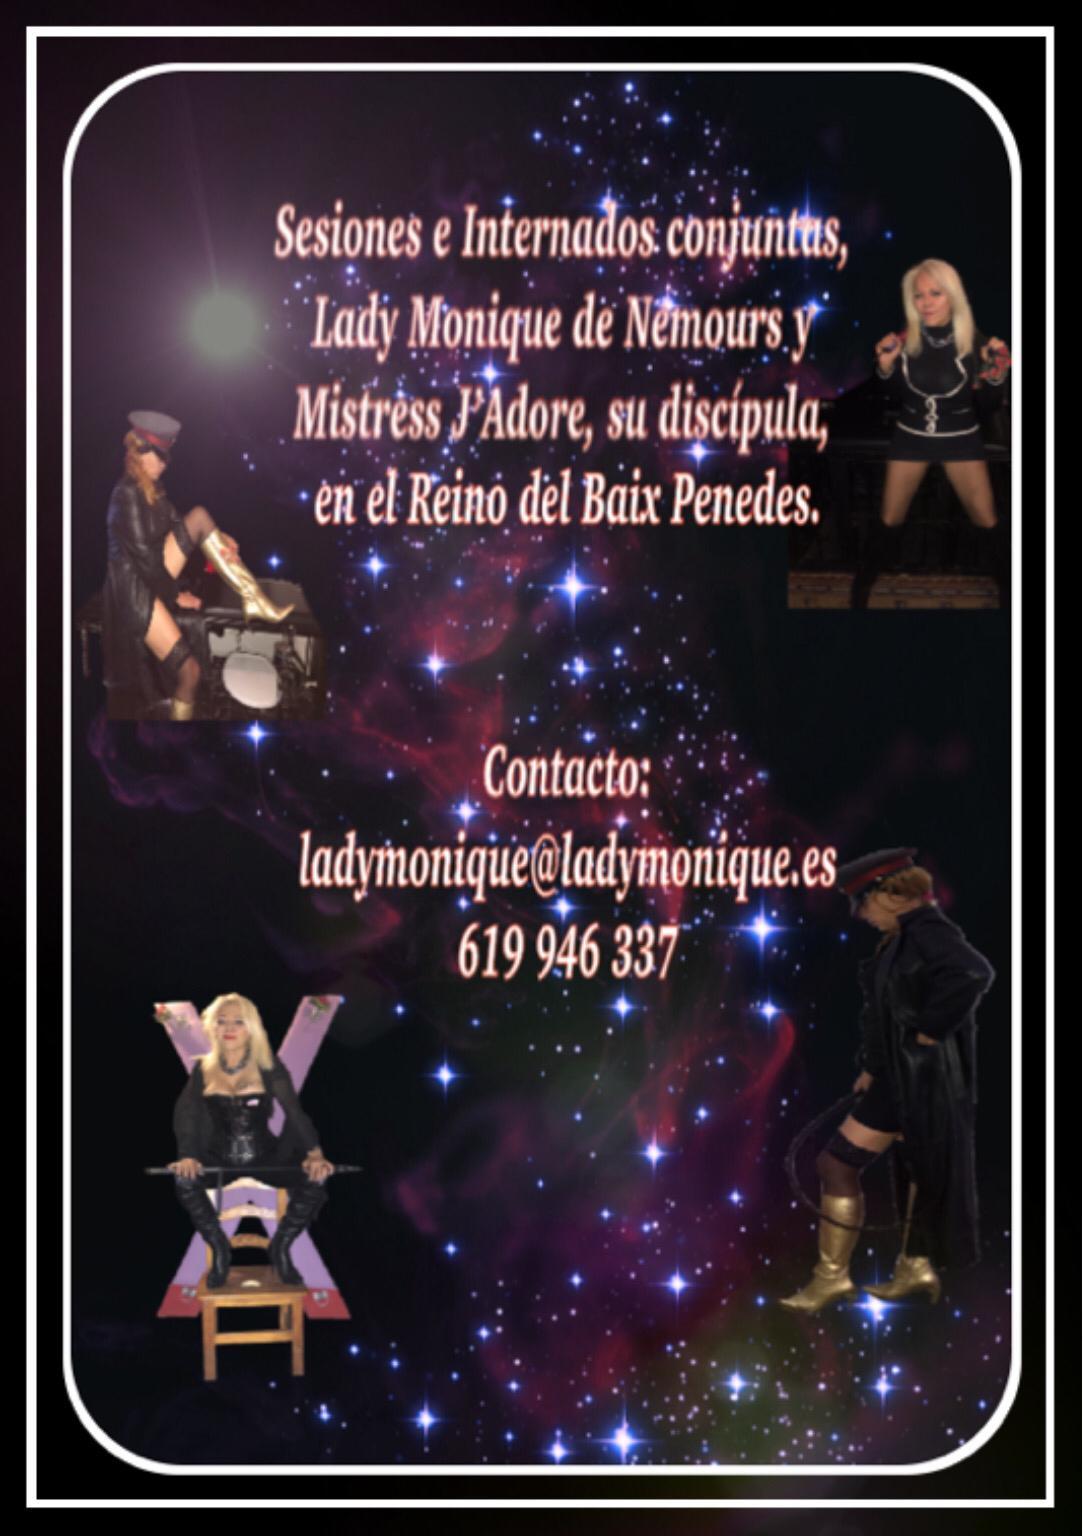 LADY MONIQUE DE NEMOURS